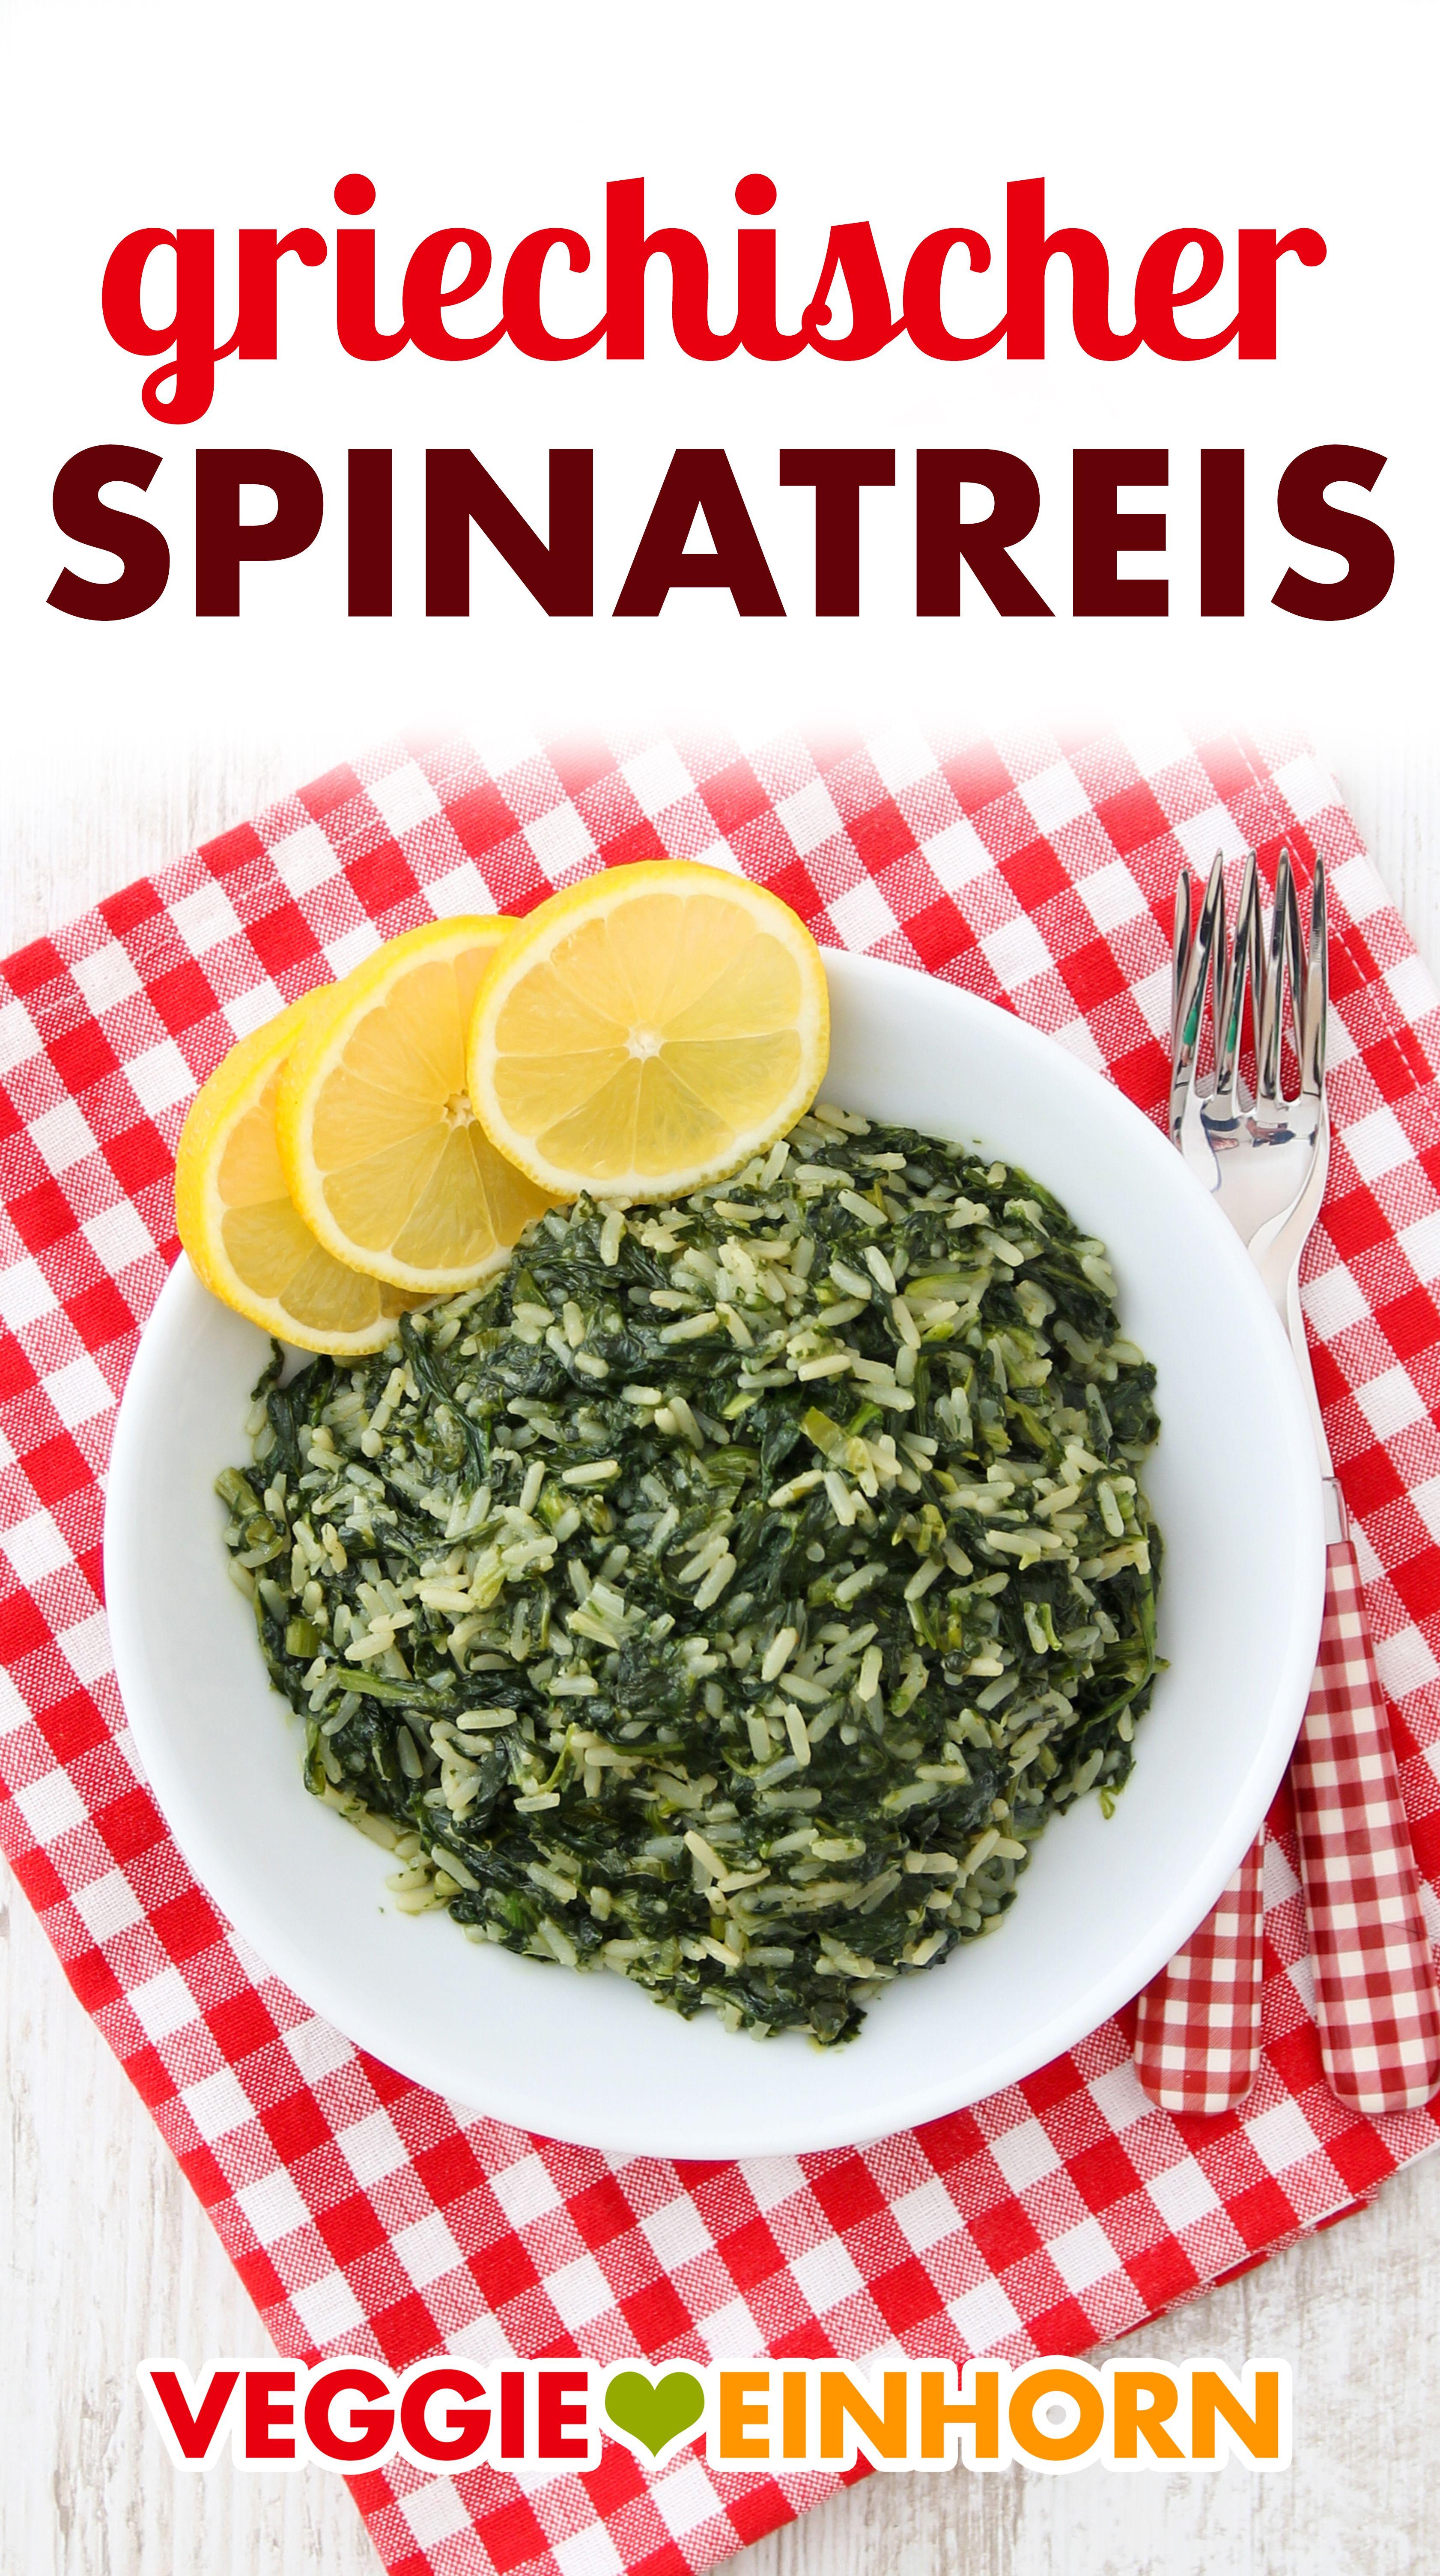 Griechischer Spinatreis (Spanakorizo) | Rezept für Reis mit Spinat | Vegetarisch und vegan